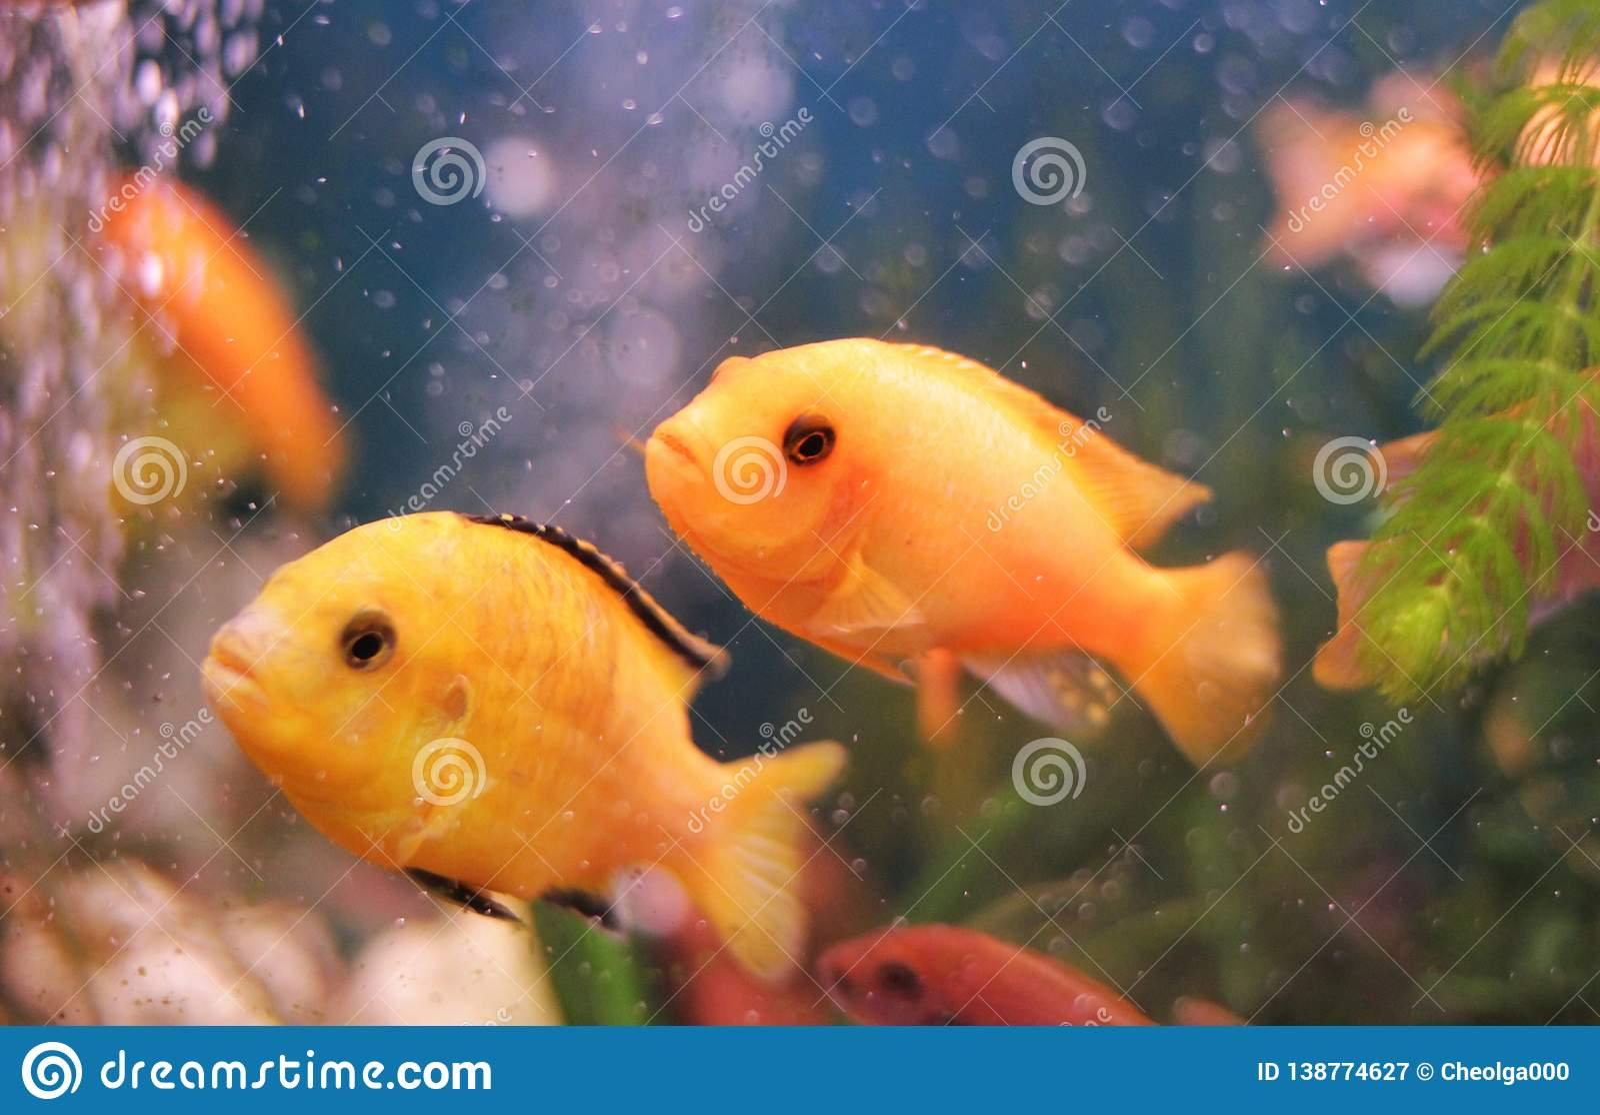 Korallenriff, zwei Fische im Wasser, rote, goldene Fische